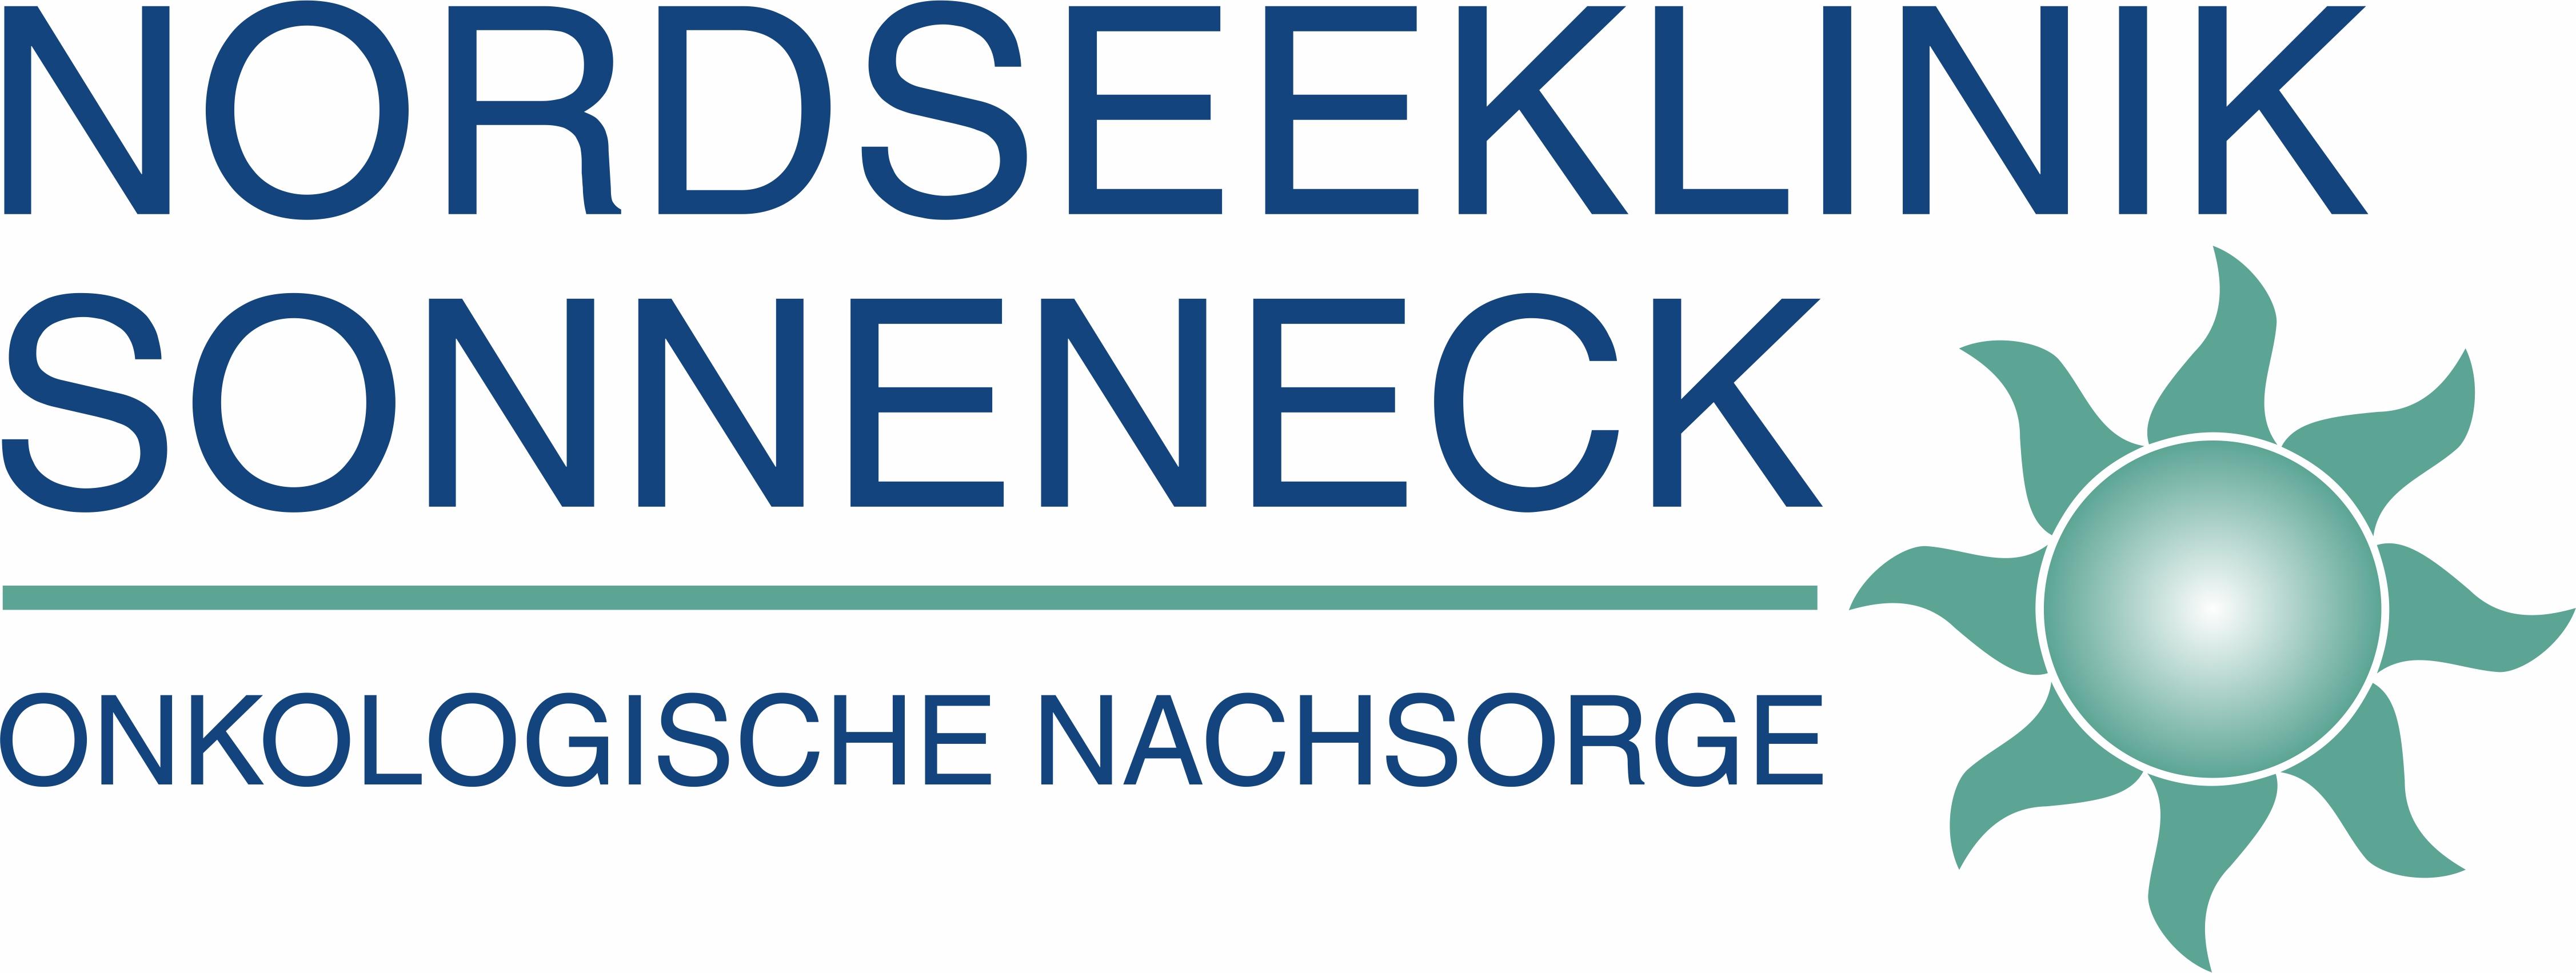 Logo Nordseeklinik Sonneneck